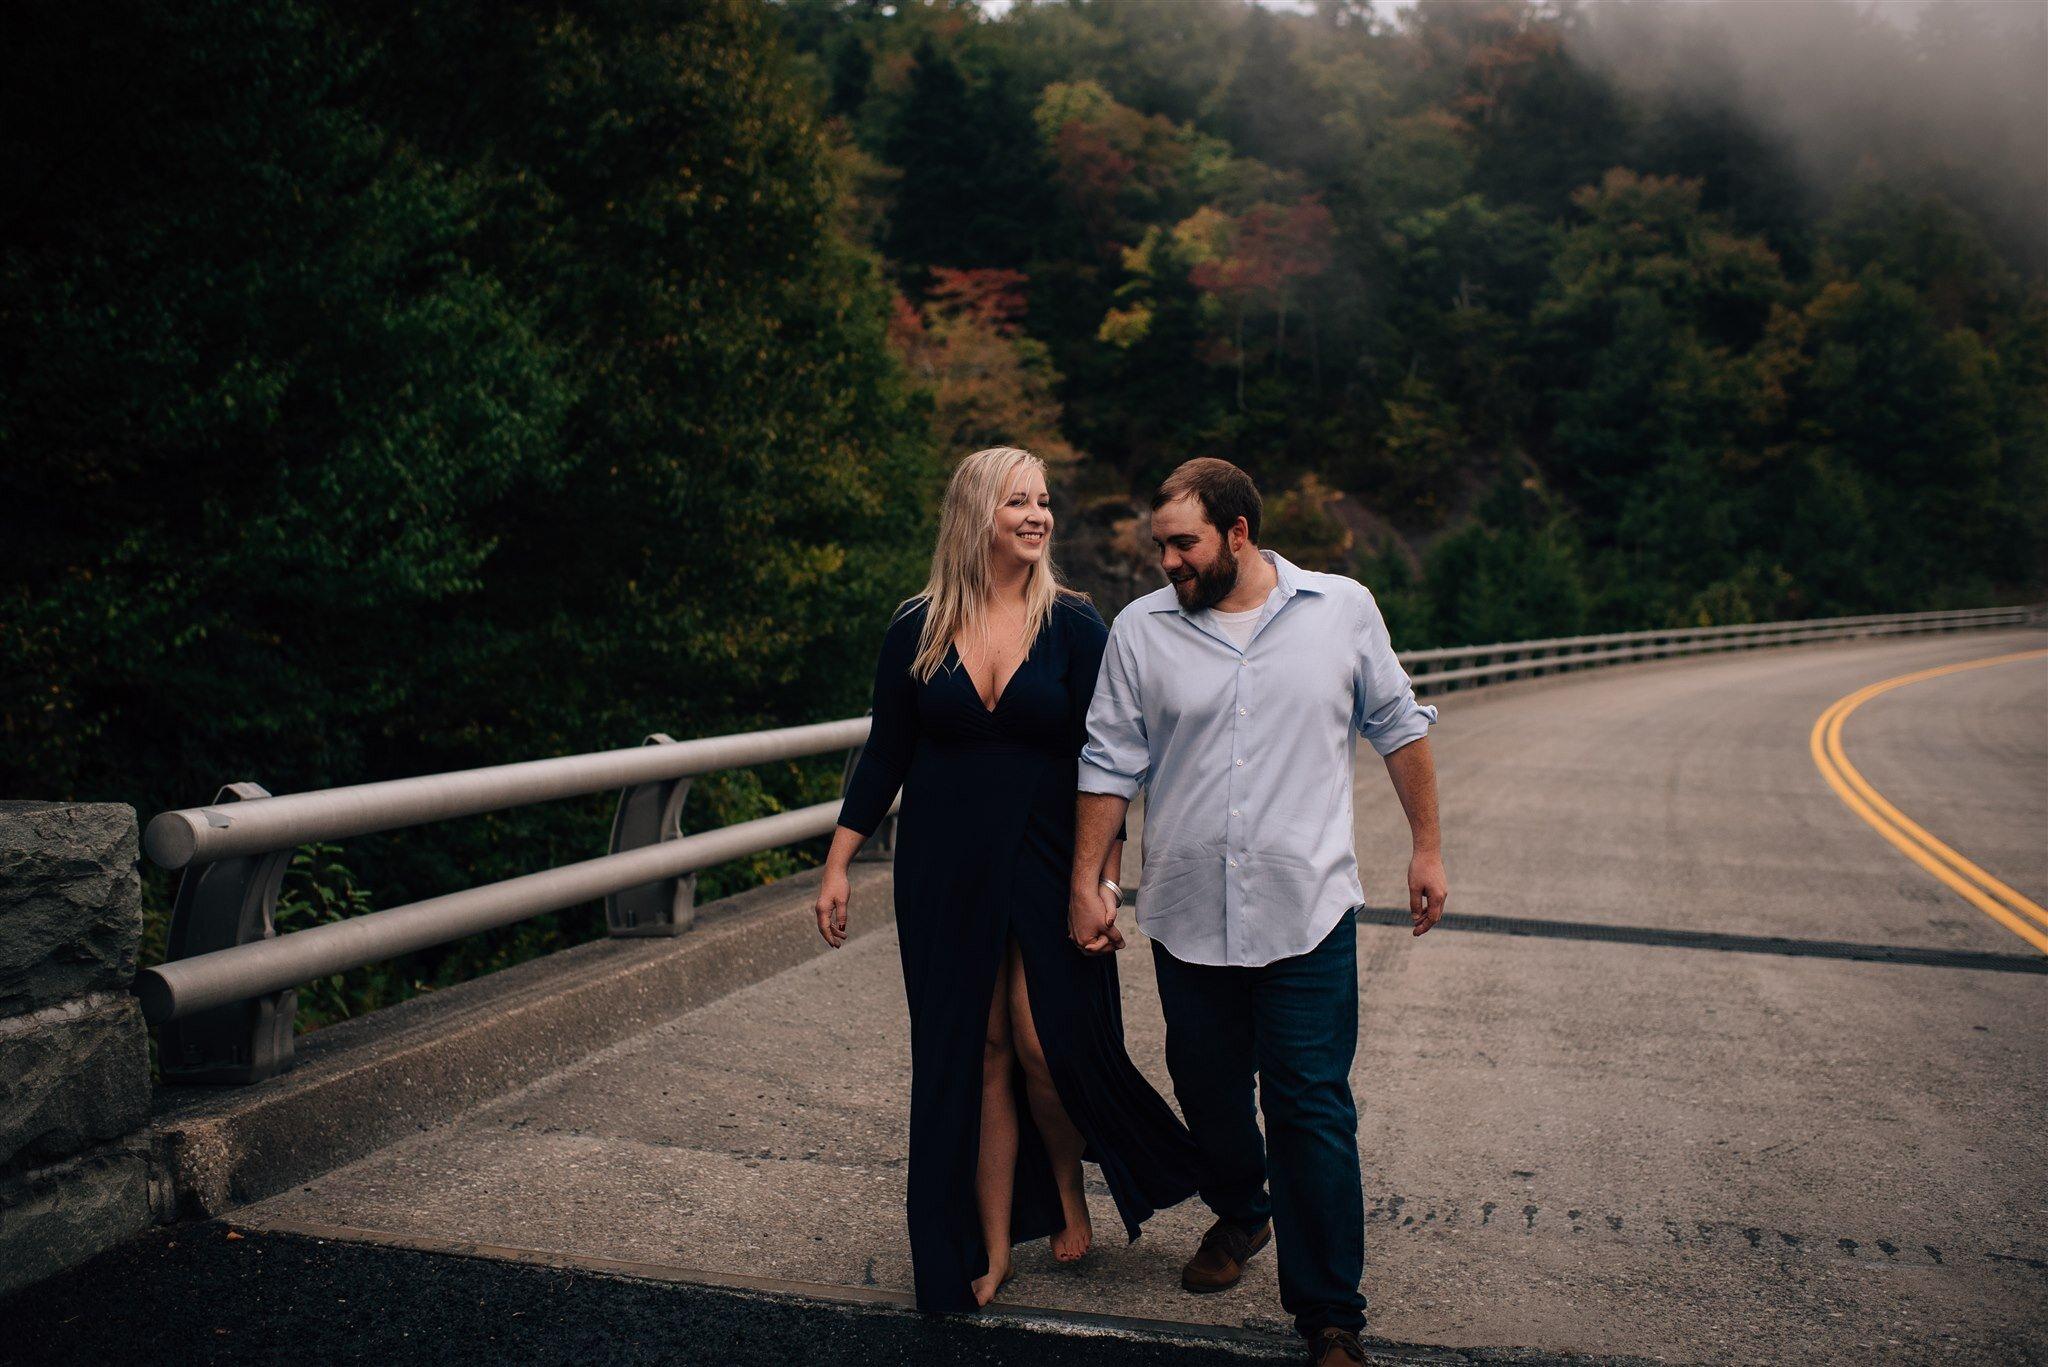 Boone Engagement Session -  Blue Ridge Parkway Engagement - Beacon Heights Engagement - Boone Wedding Photographer - North Carolina Wedding Photographer